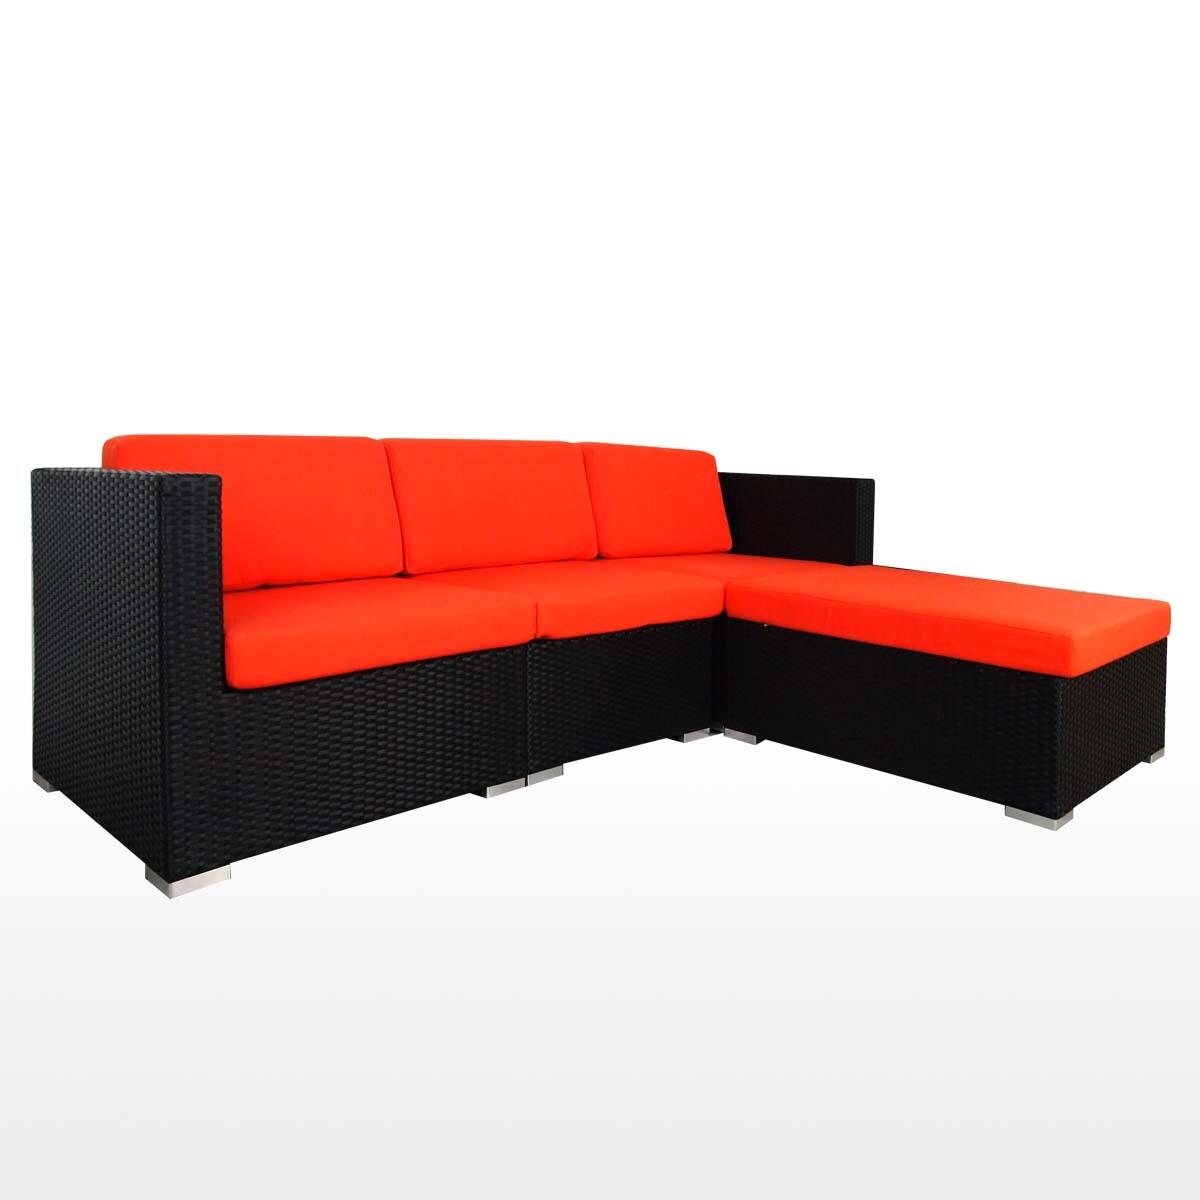 Summer Outdoor Modular Sofa Set Ii Orange Cushions